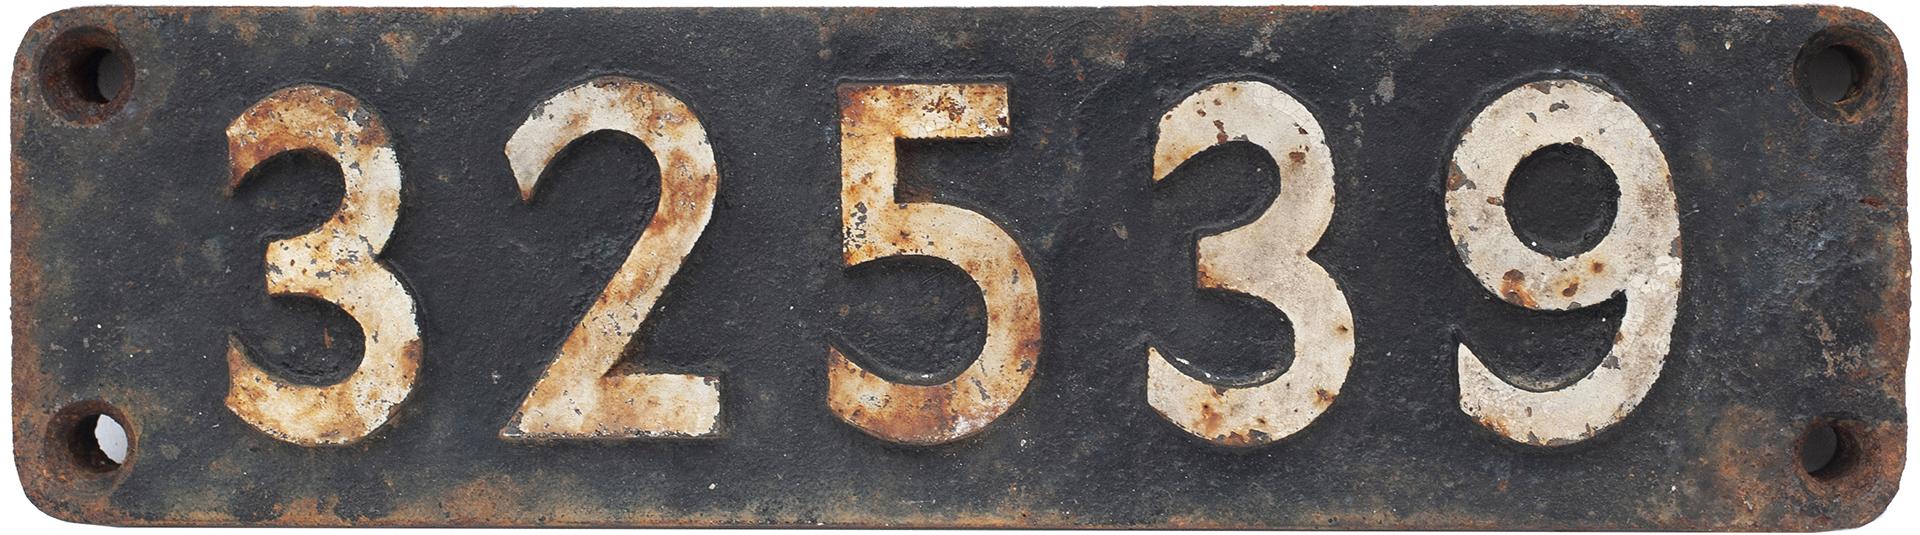 Smokebox Numberplate 32539 Ex LBSCR Billington c2x